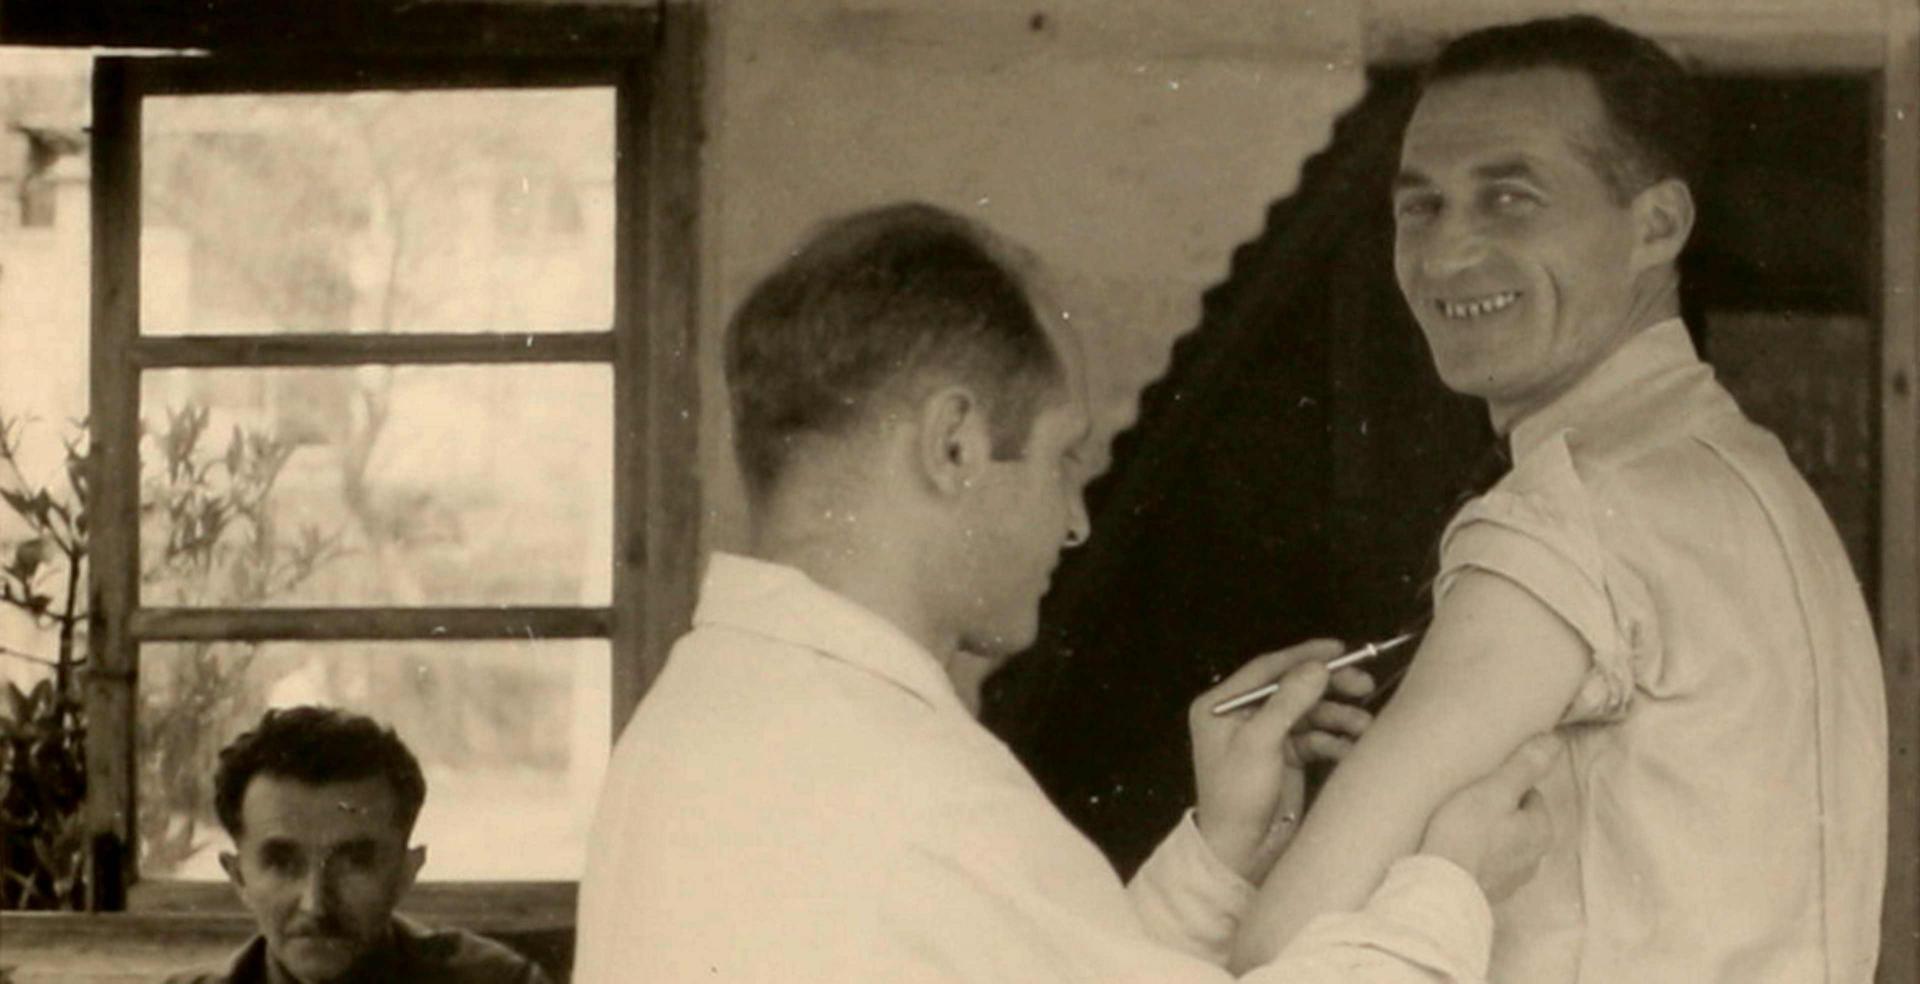 Schwarz-weiß-Foto eines Mannes, dem ein anderer Mann ein Skalpell an den Oberarm hält und der in die Kamera lächelt